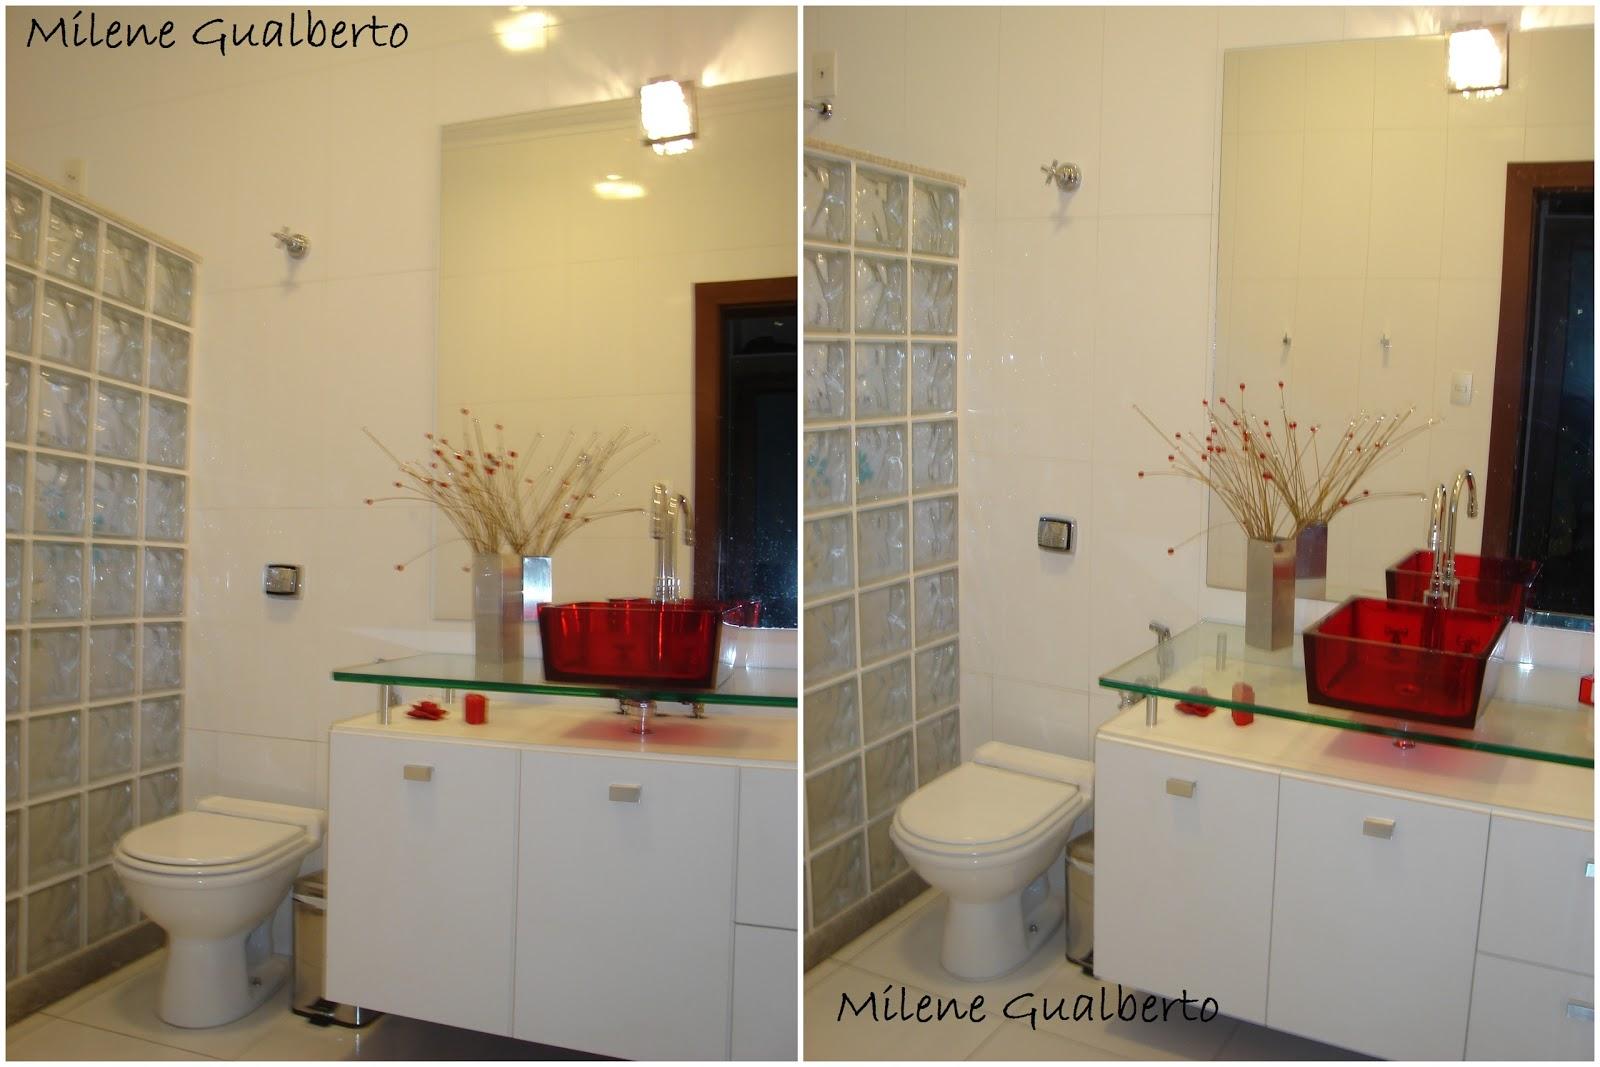 Banheiros Pequenos Com Tijolos De Vidro  homefiresafetykitcom banheiros com -> Banheiro Decorado Com Bloco De Vidro